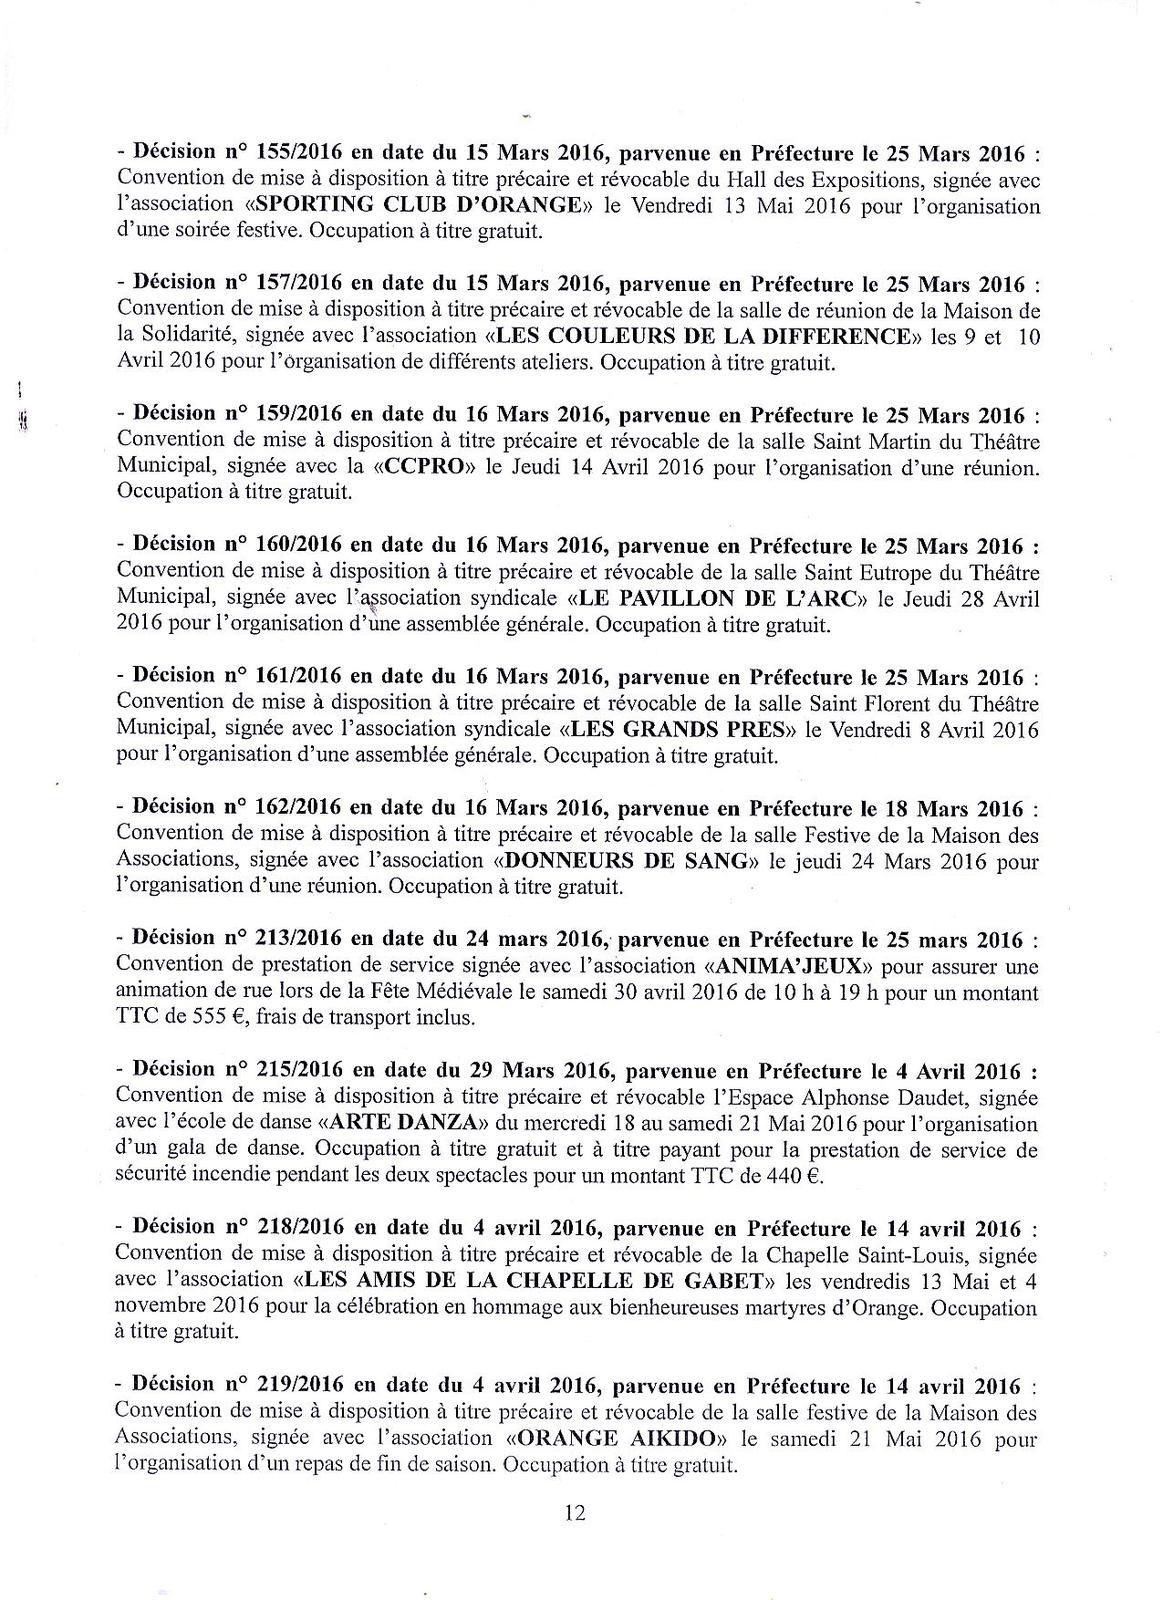 Récapitulatif des actes administratifs 1er T 2016